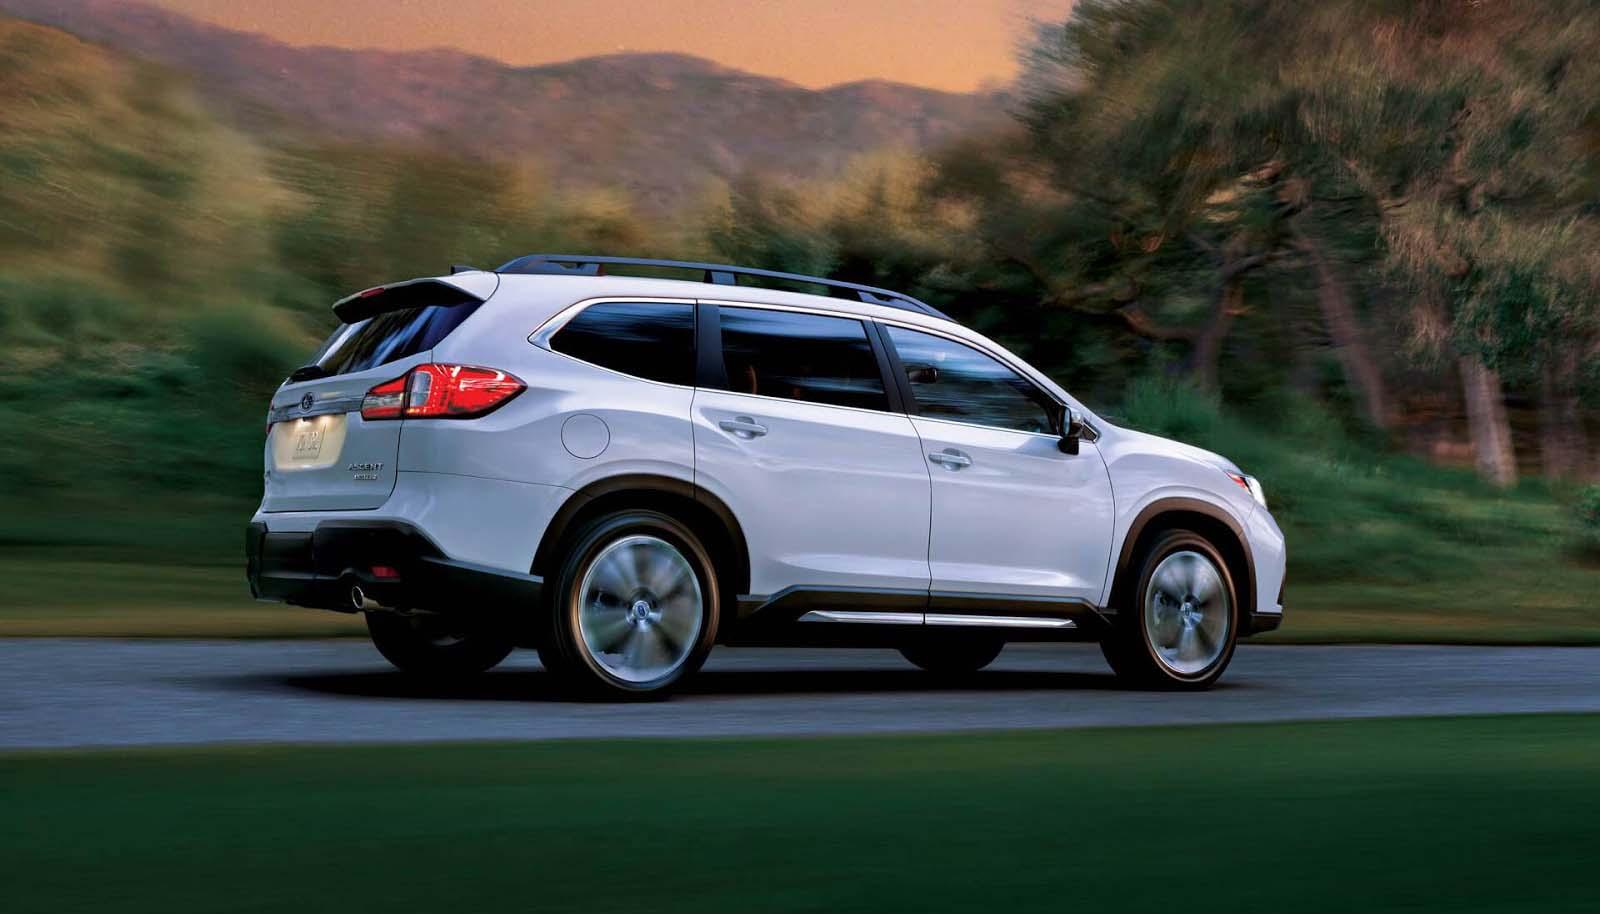 Esta SUV se llevará el nombre de Subaru Evoltis en México